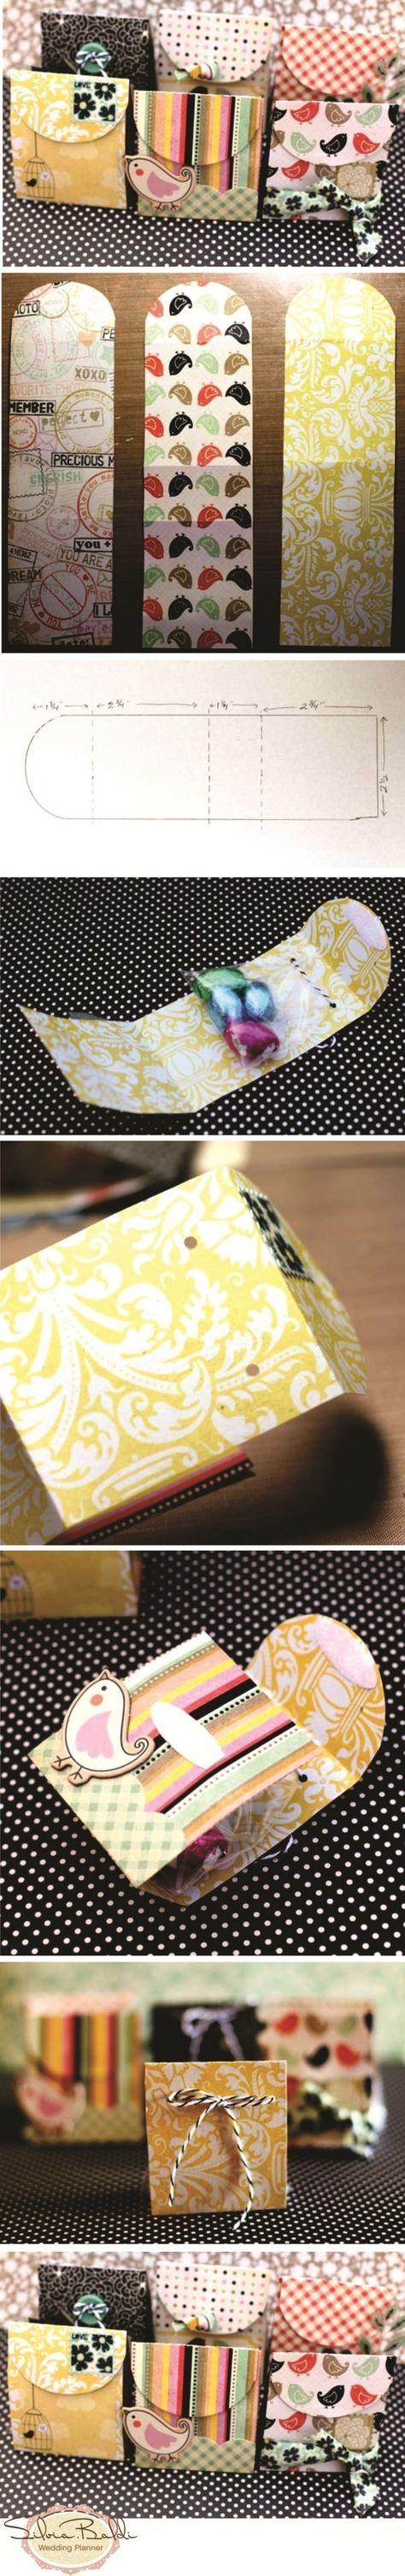 美好生活#DIY创意手工课堂#漂亮的DIY礼品包装(盒)mini choc boxes -for budget version the kids could make these from recycled cards or cereal boxes and paint and decorate. could make melted choc drops topped with 100's and 1000,